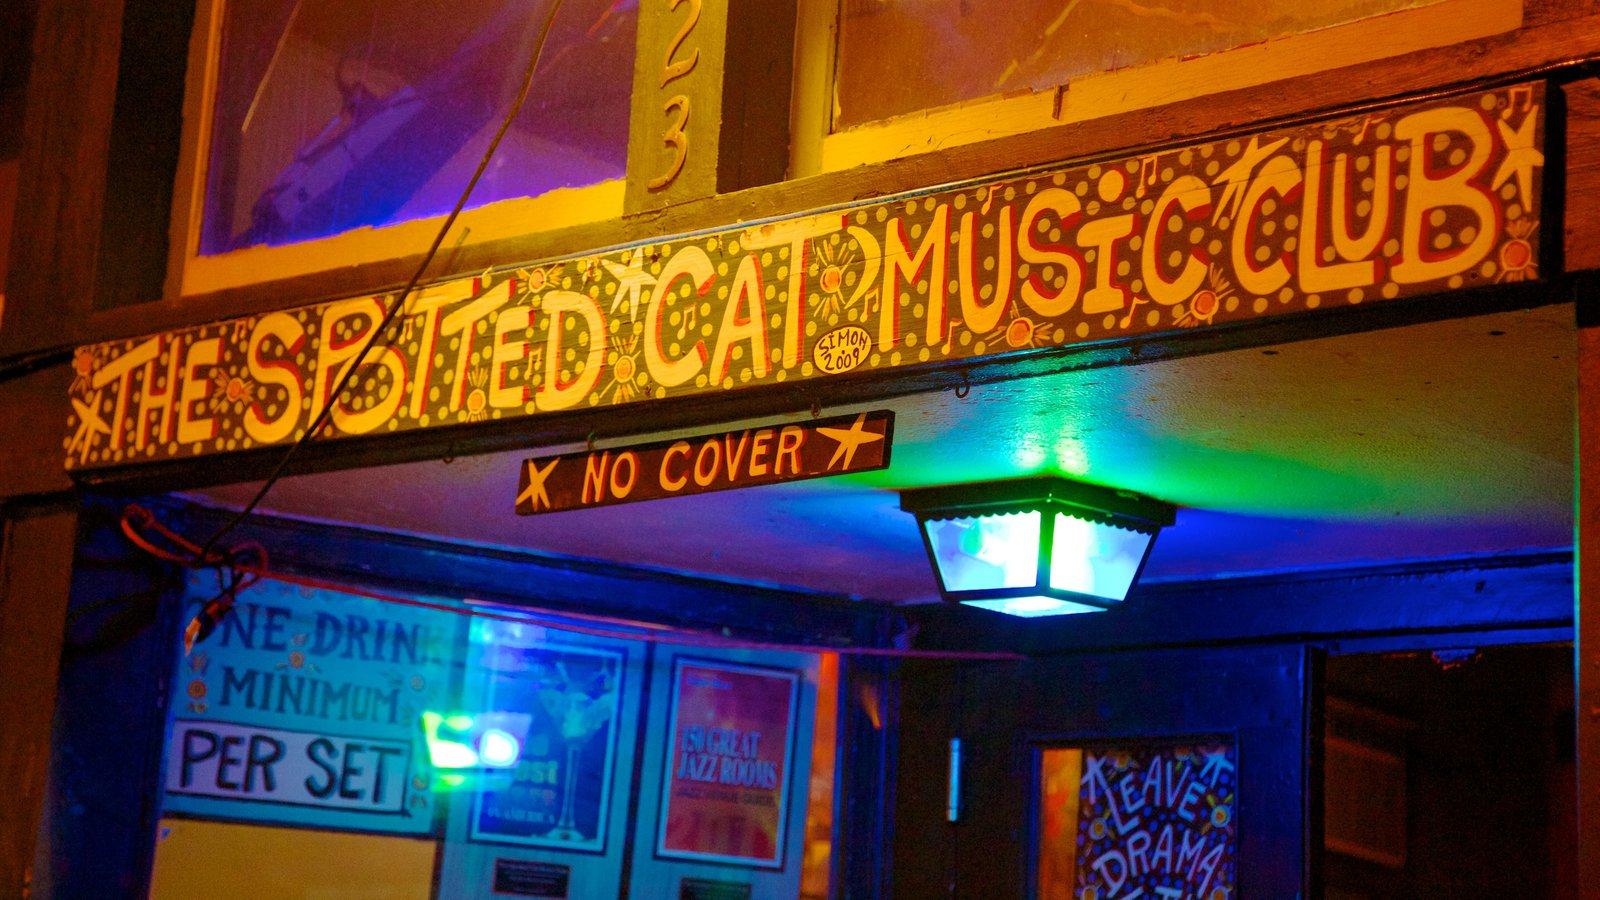 Clubs de Jazz de Frenchmen Street ofreciendo vistas interiores, vida nocturna y música